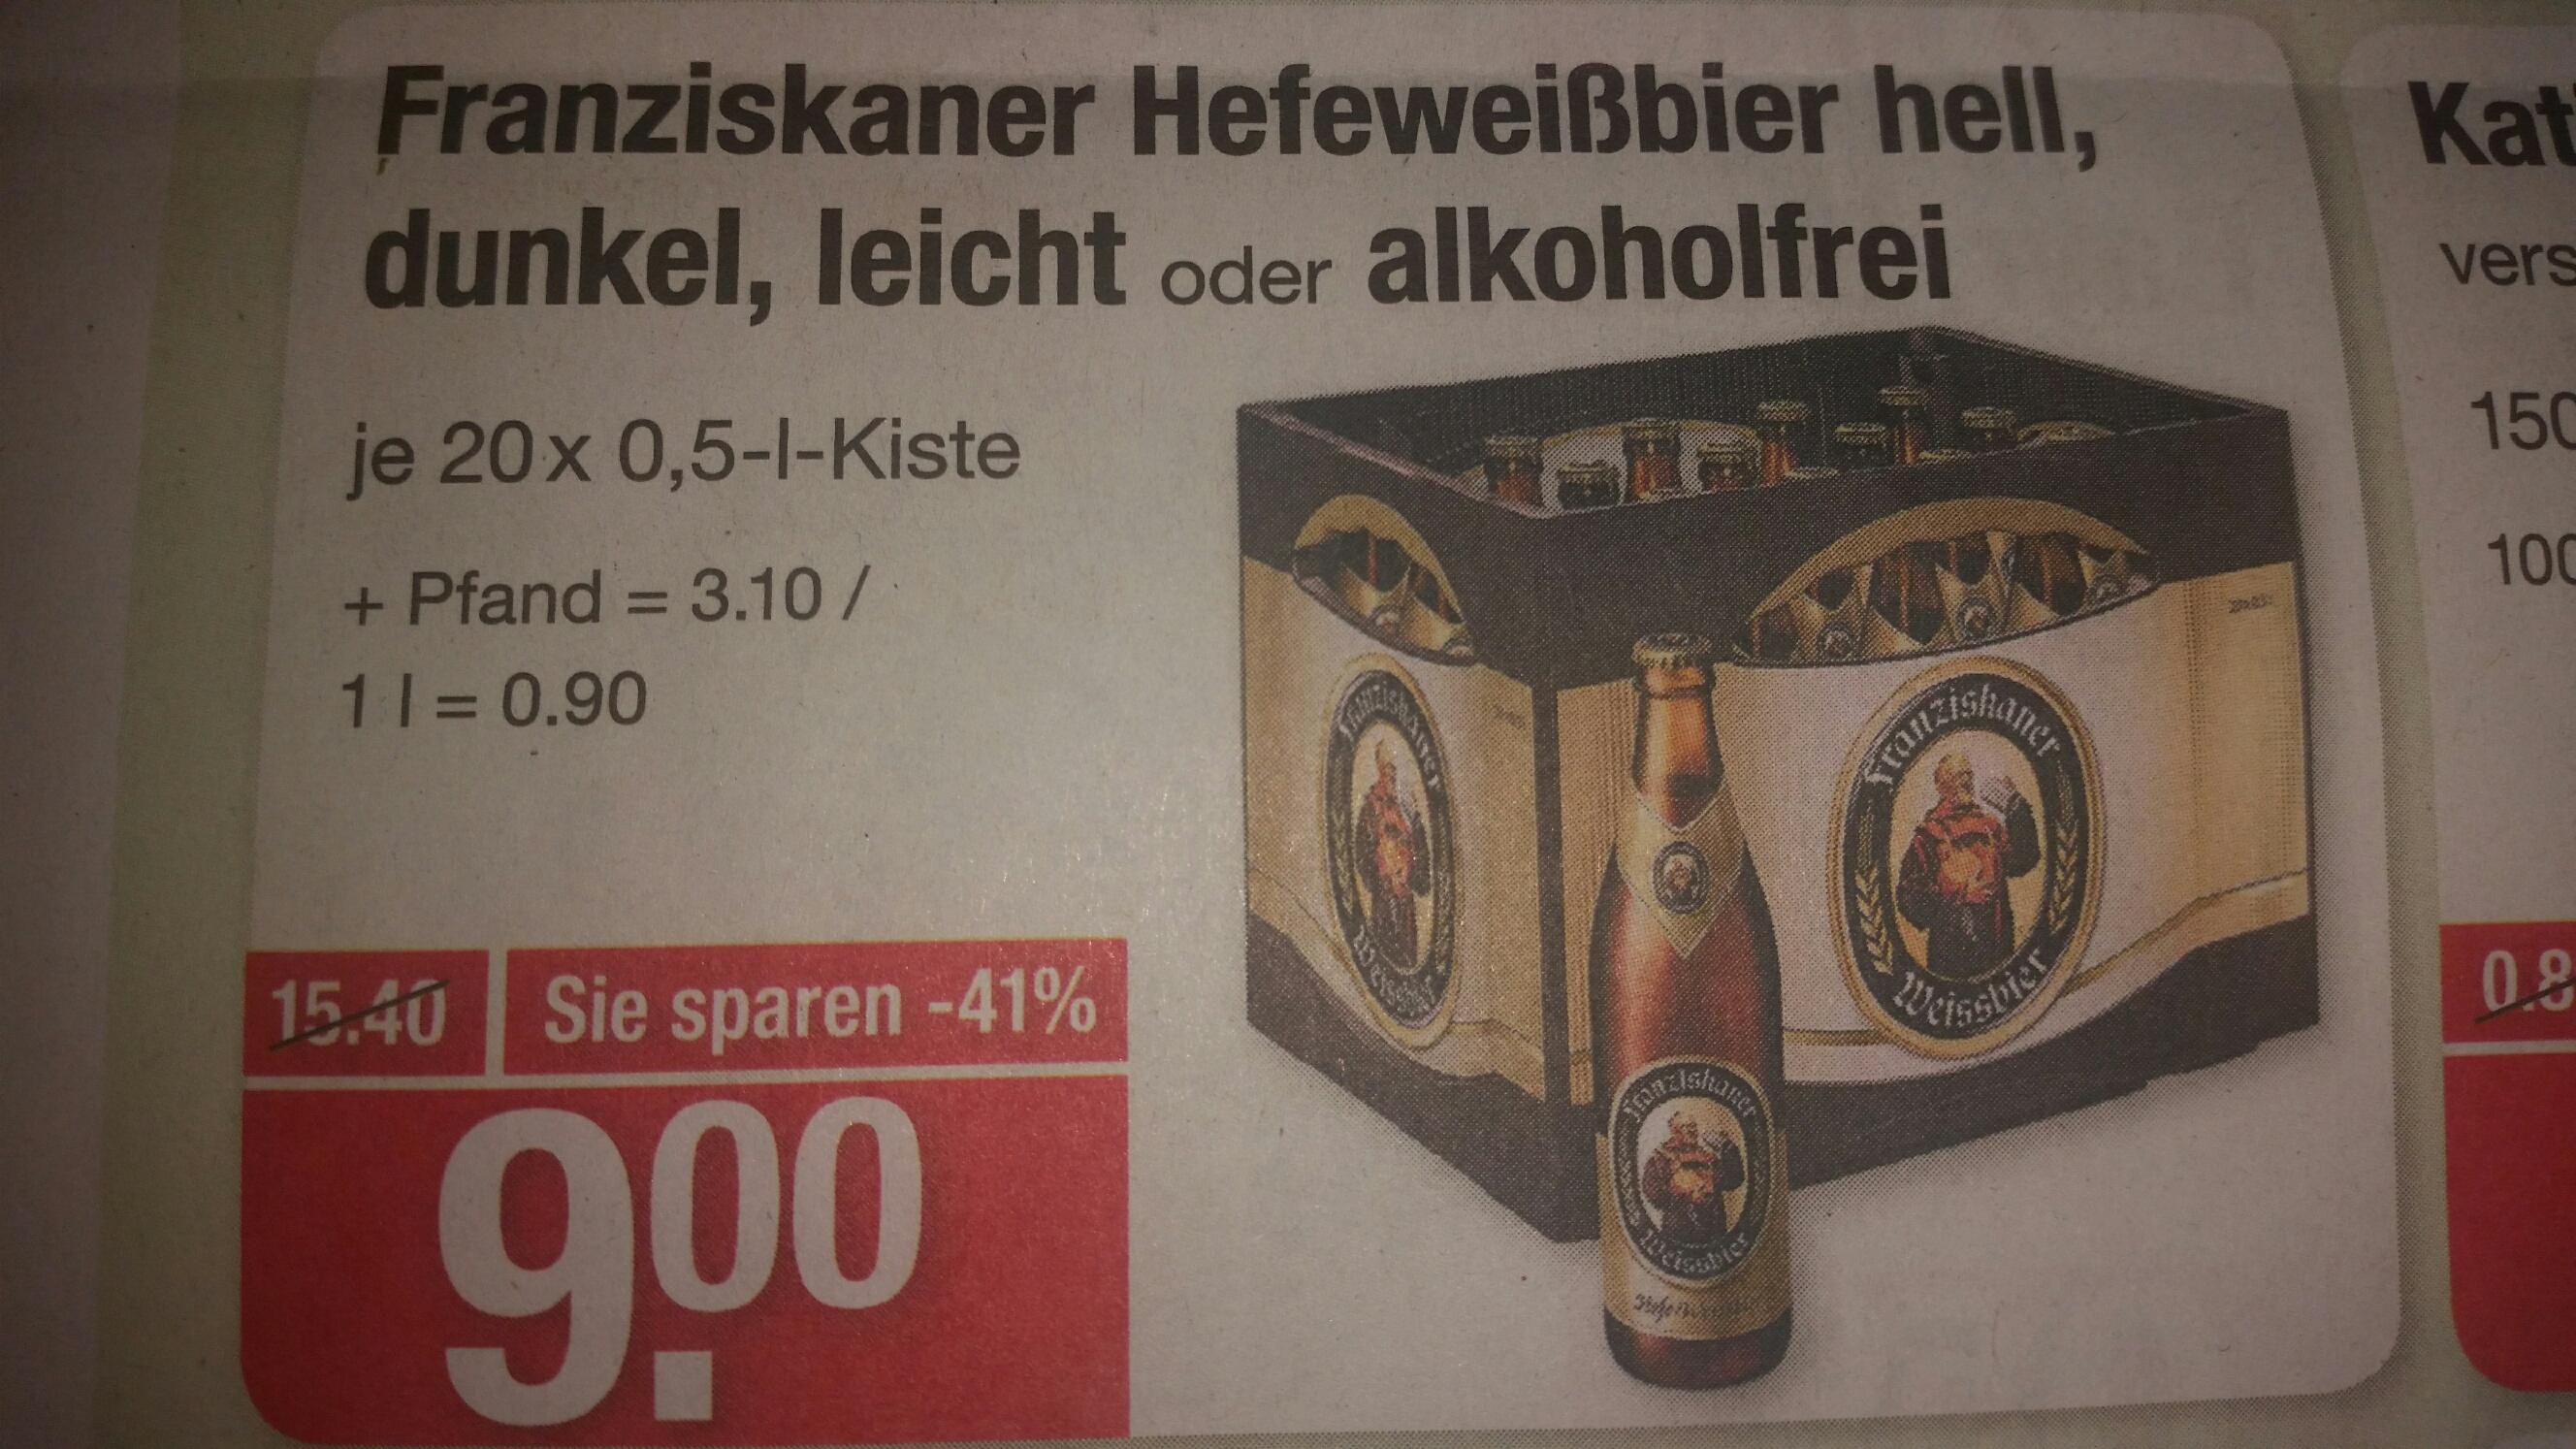 [V-Markt] Franziskaner Weißbier